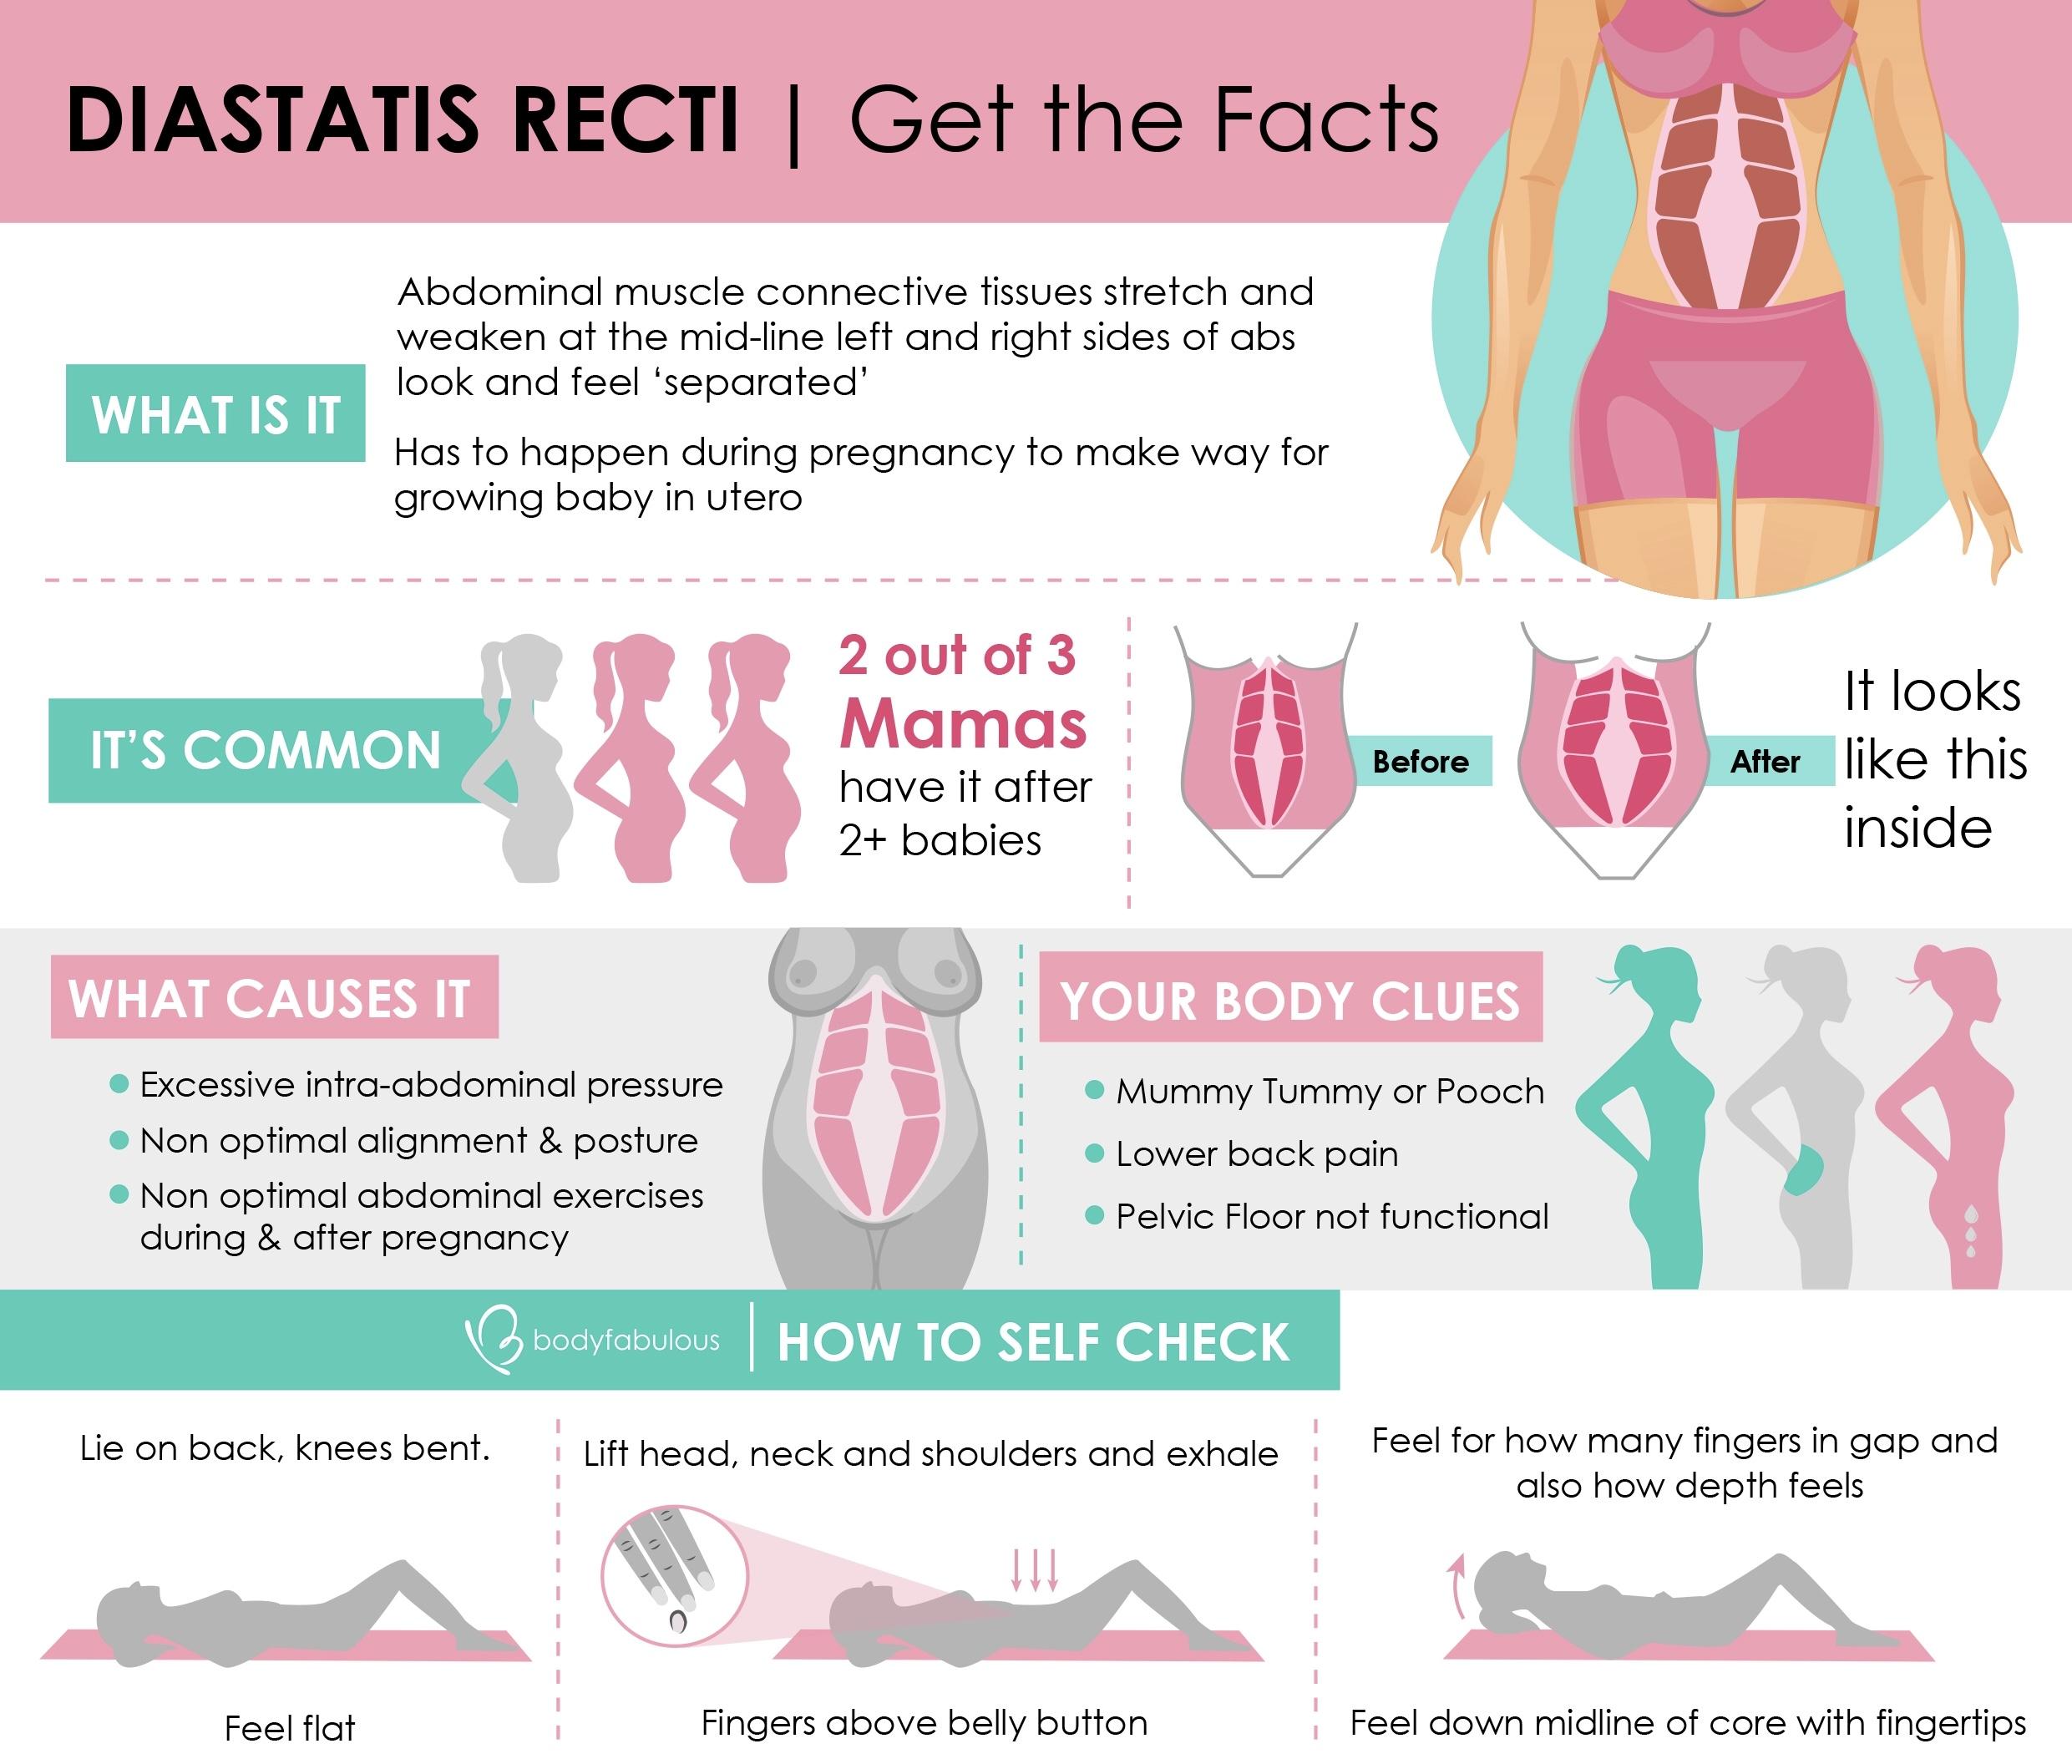 diastatis_recti_infographic_pregnancy_postpartum